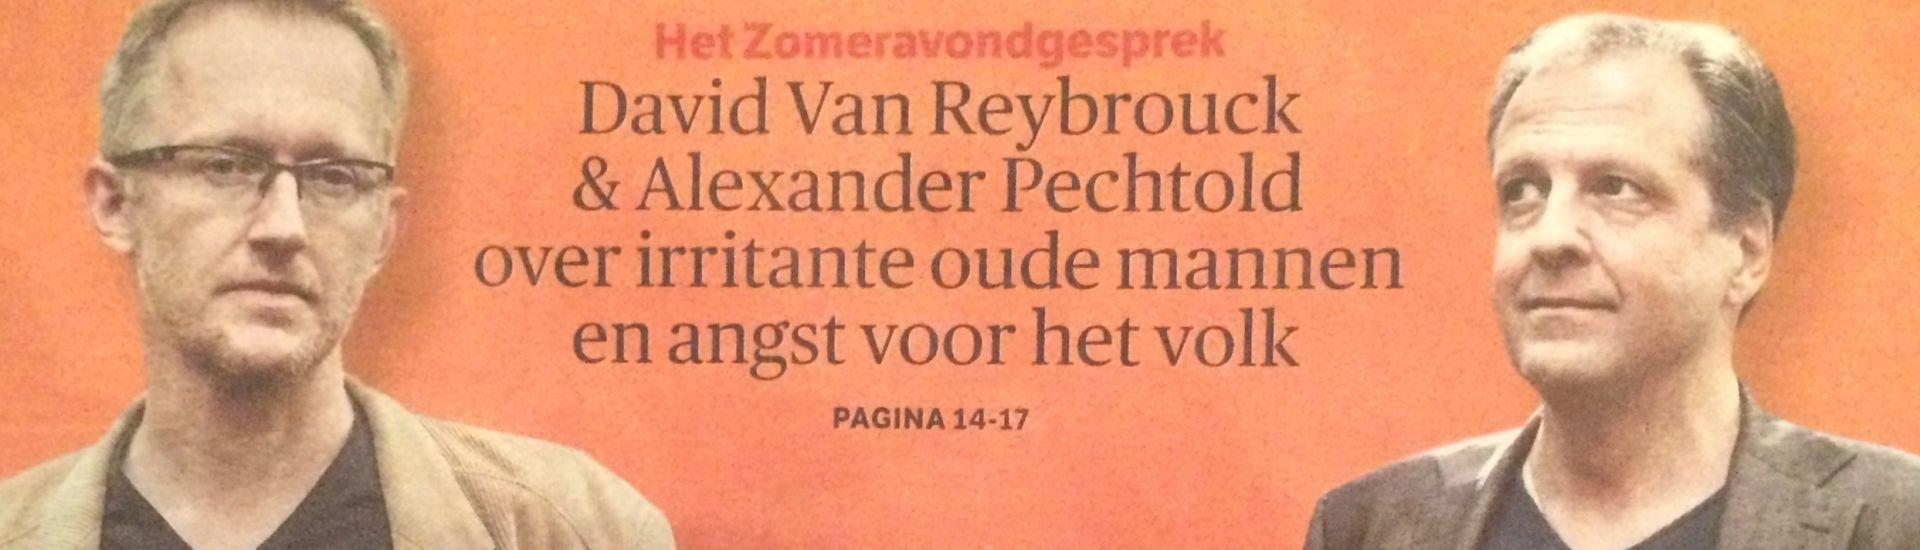 David van Reybrouck en Alexander Pechtold